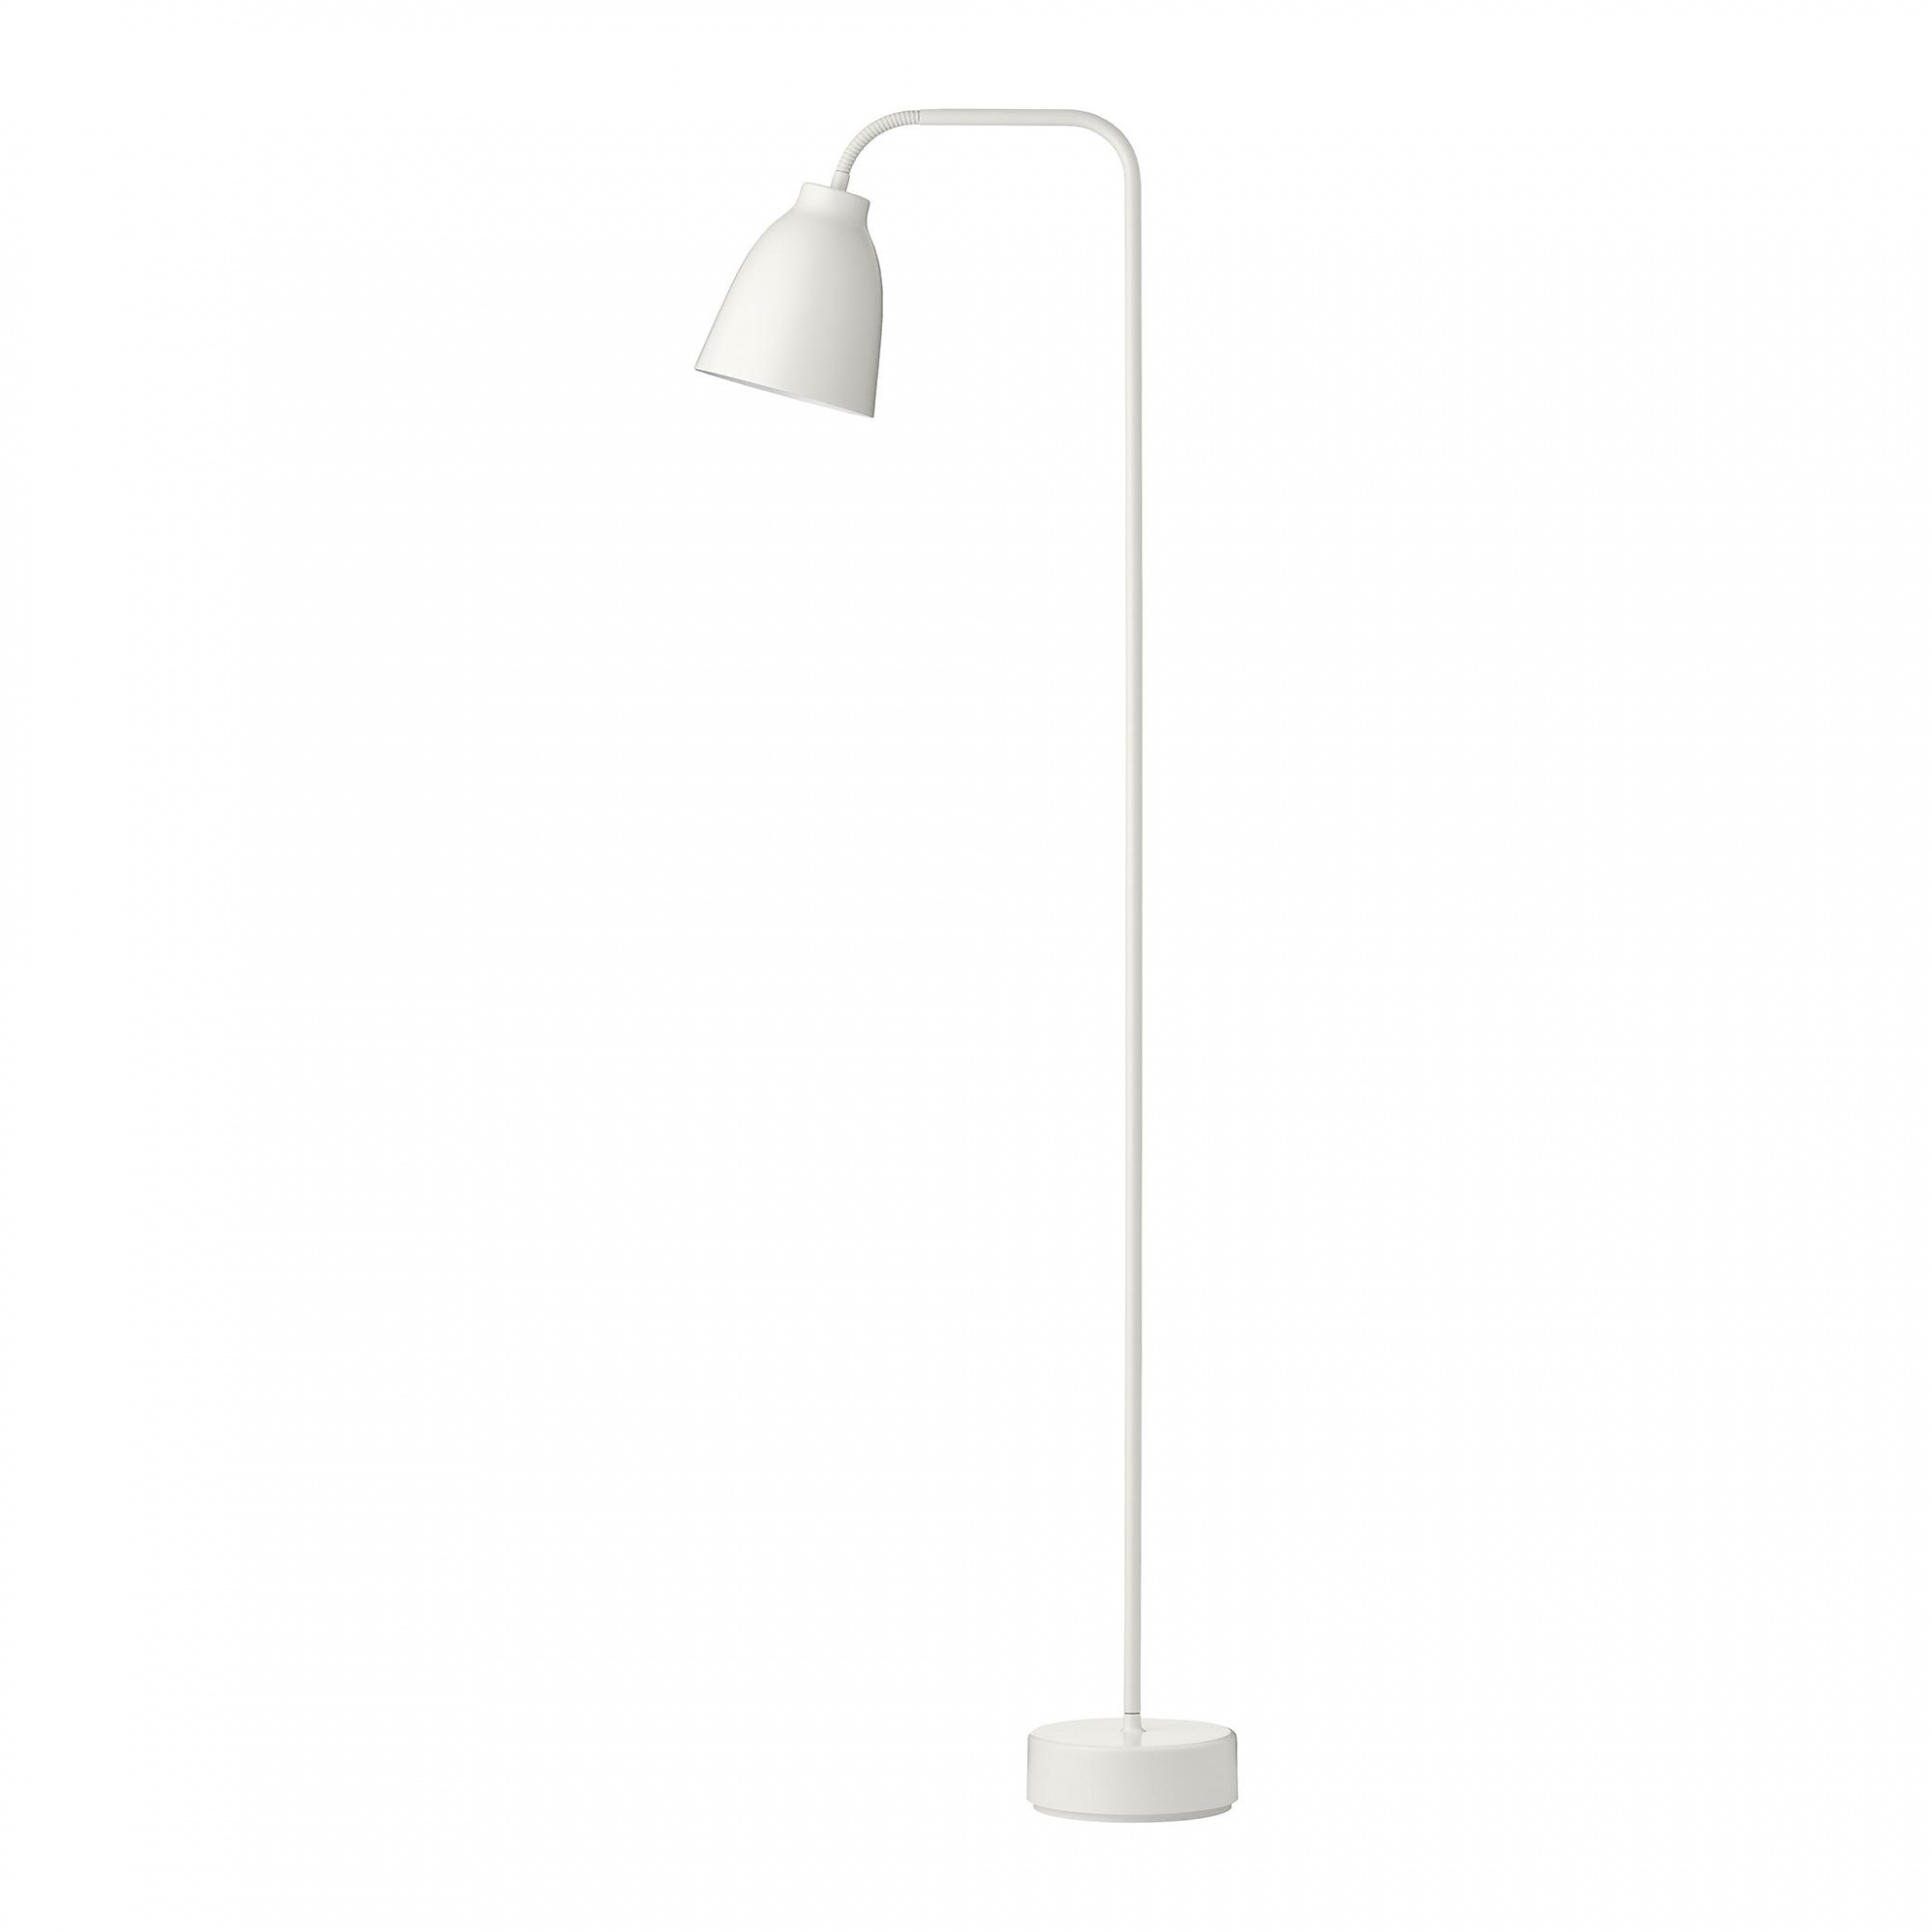 Fritz Hansen - Lampadaire de lecture Caravaggio™ Read - blanc/mat/LxlxH 36,2x16x110cm/câble blanc